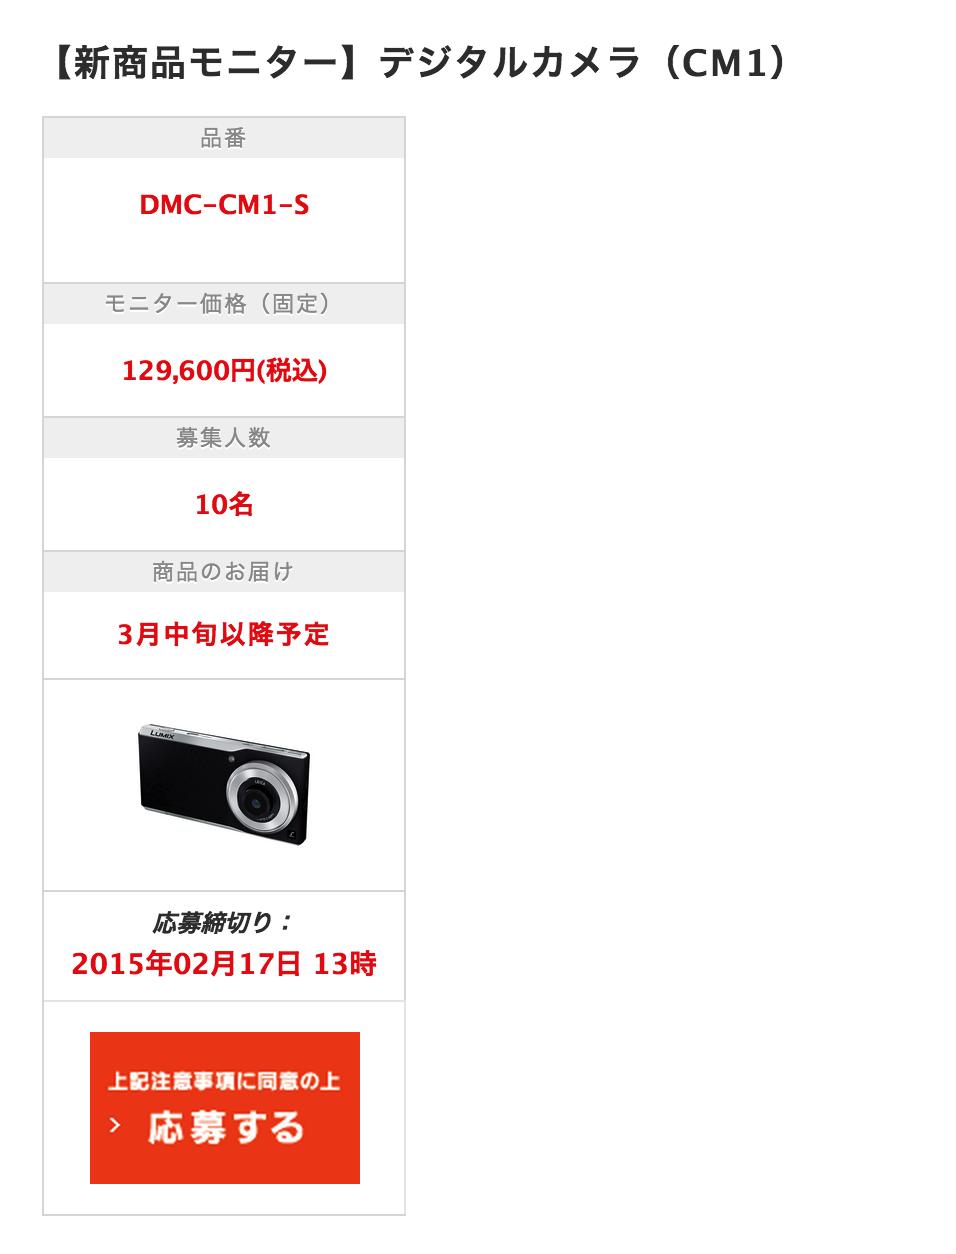 スクリーンショット 2015-01-26 19.04.51